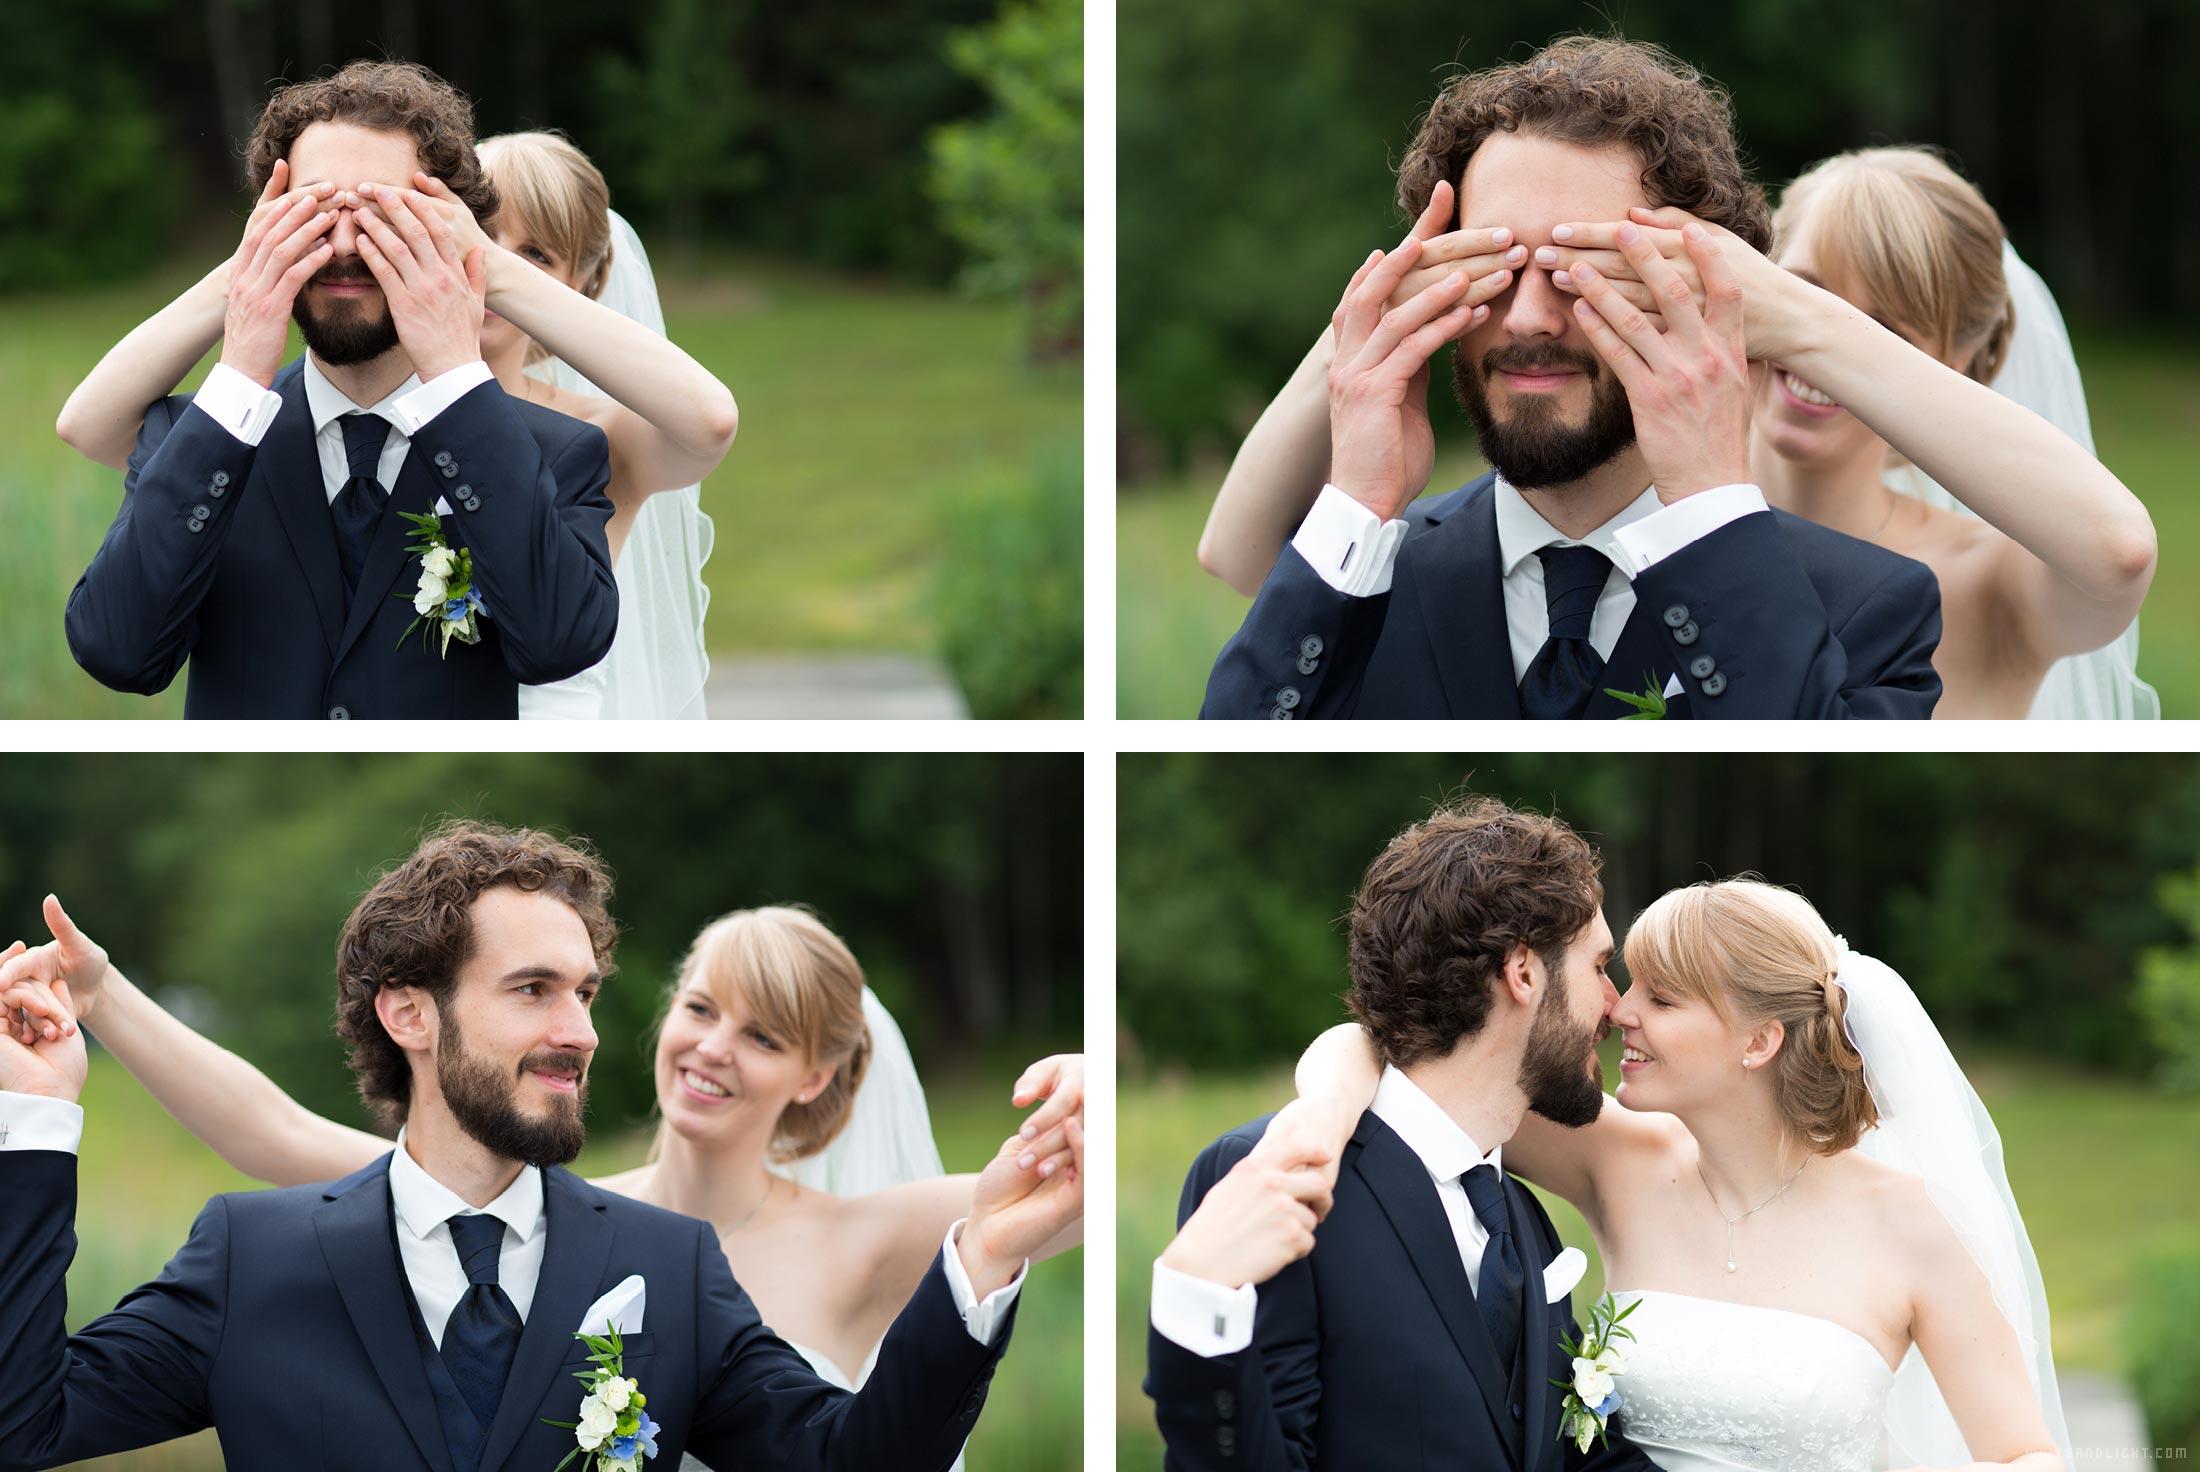 свадебный фотограф профессионально